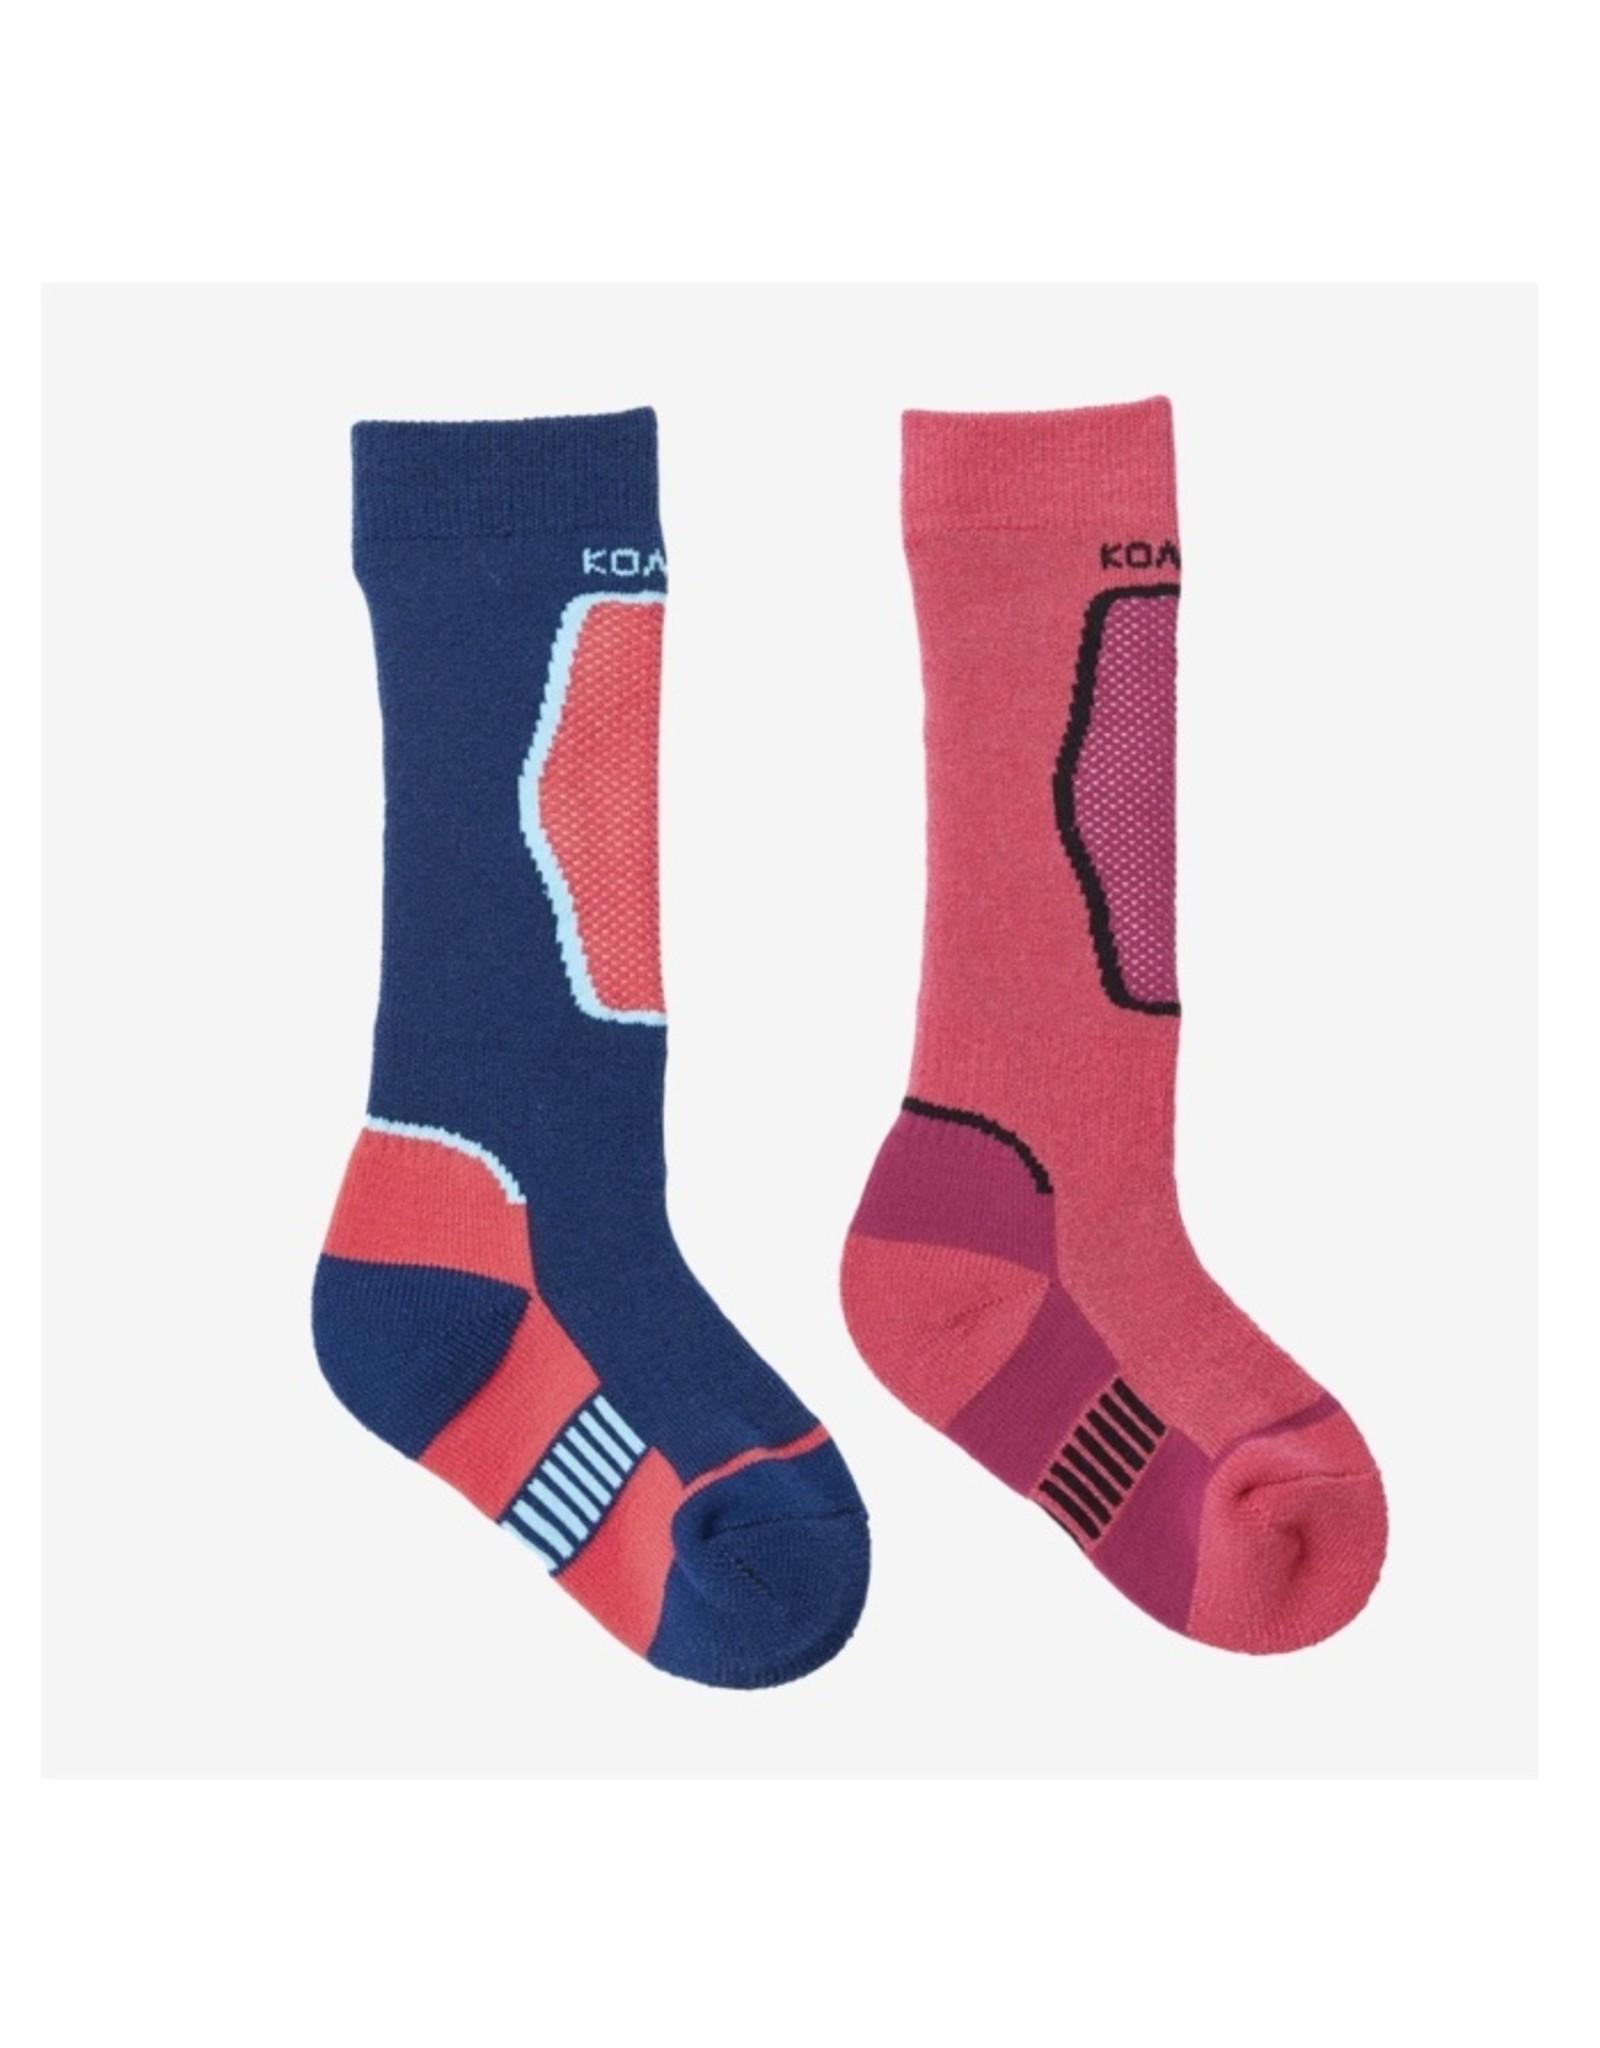 Kombi Kombi The Brave Twin Pack Jr. Sock